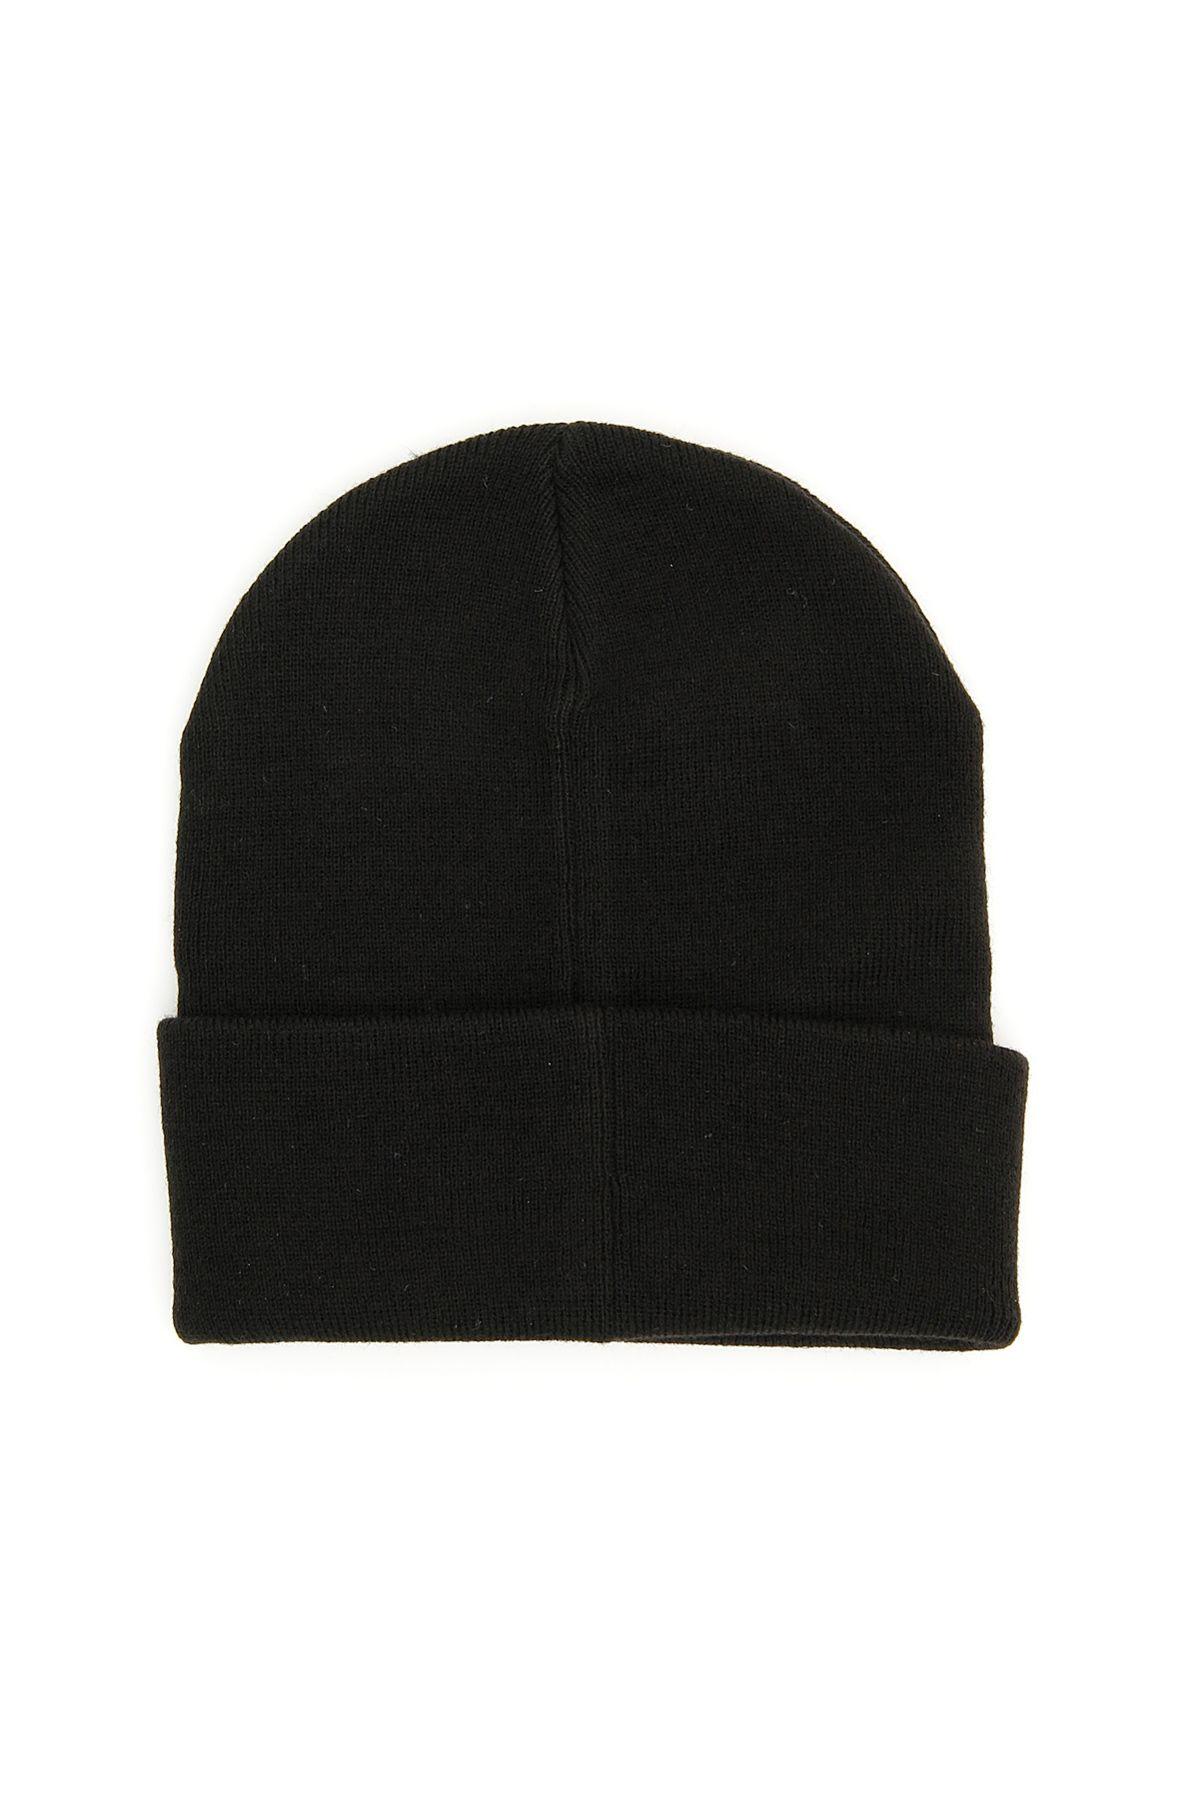 Calvin Klein Calvin Klein Unisex Knit Beanie - CK BLACK YELLOW 4413f343439